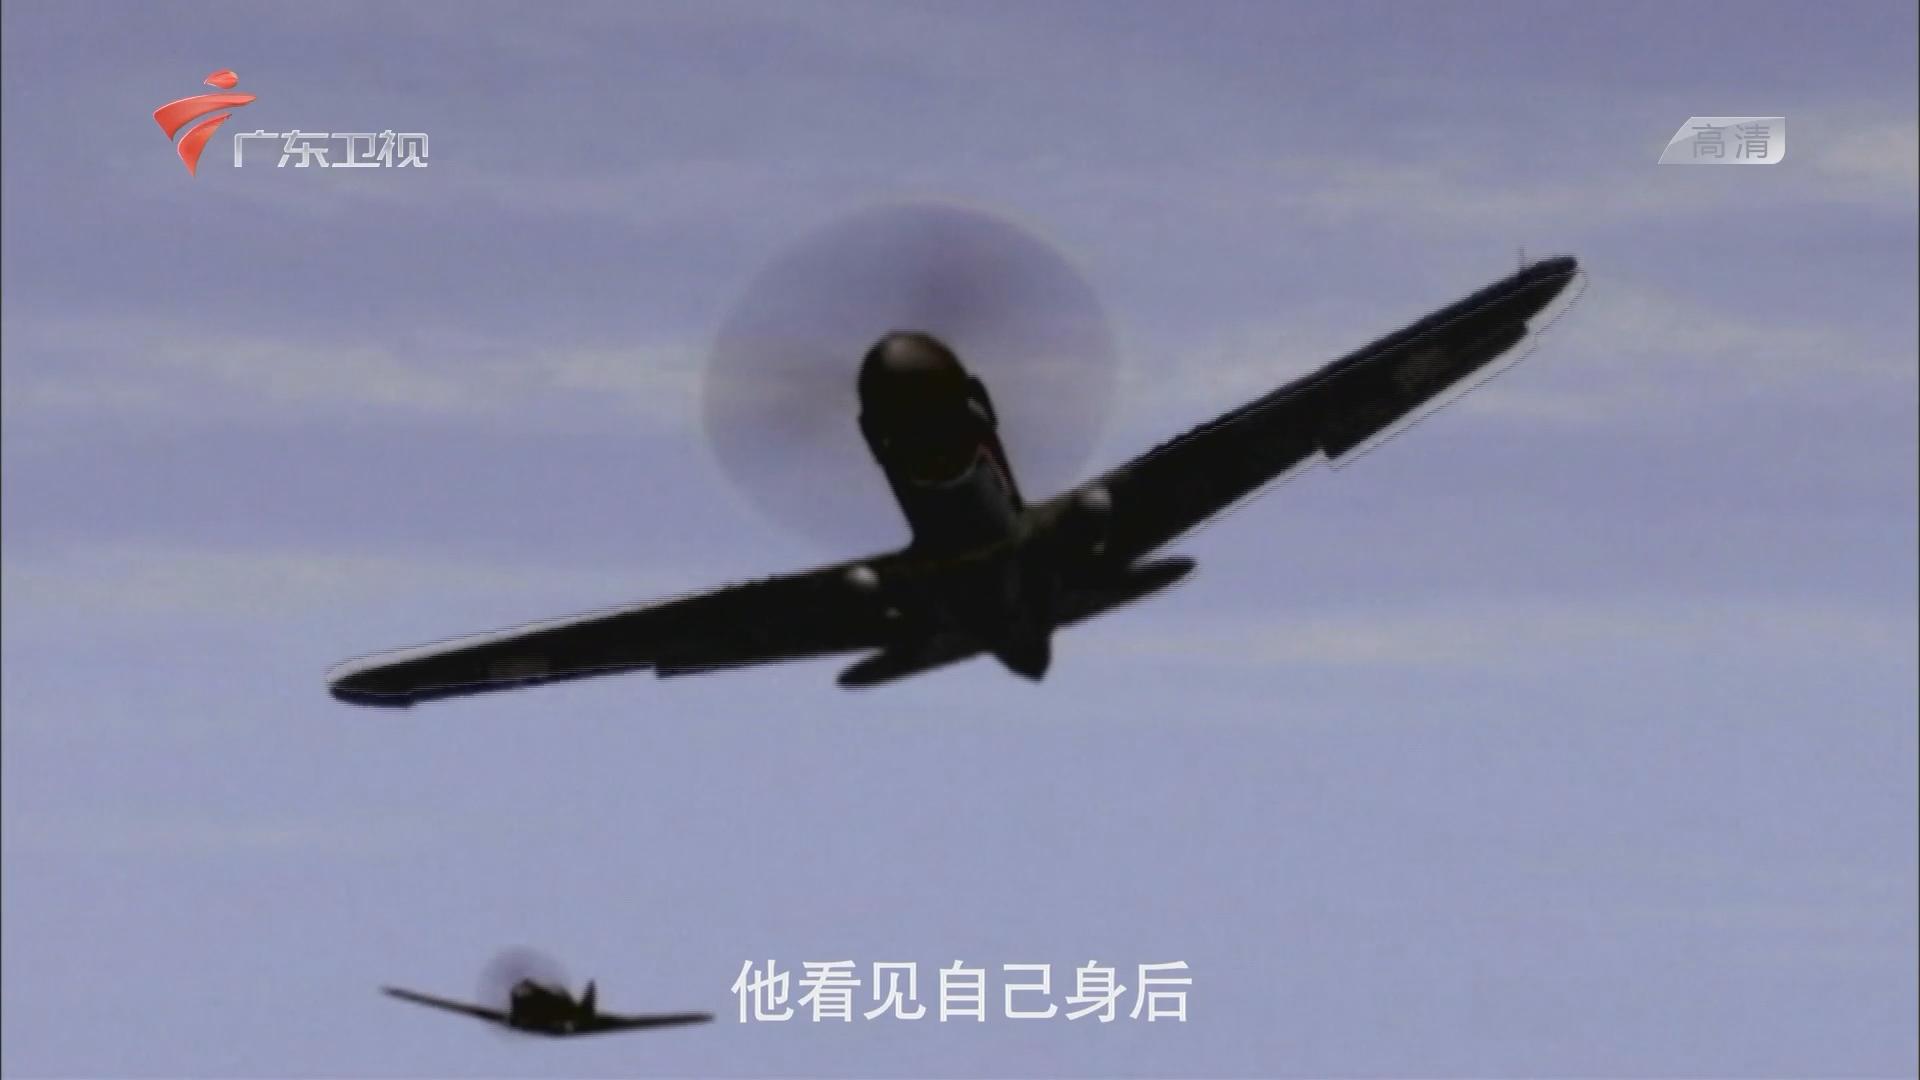 飞虎传奇—飞往中国